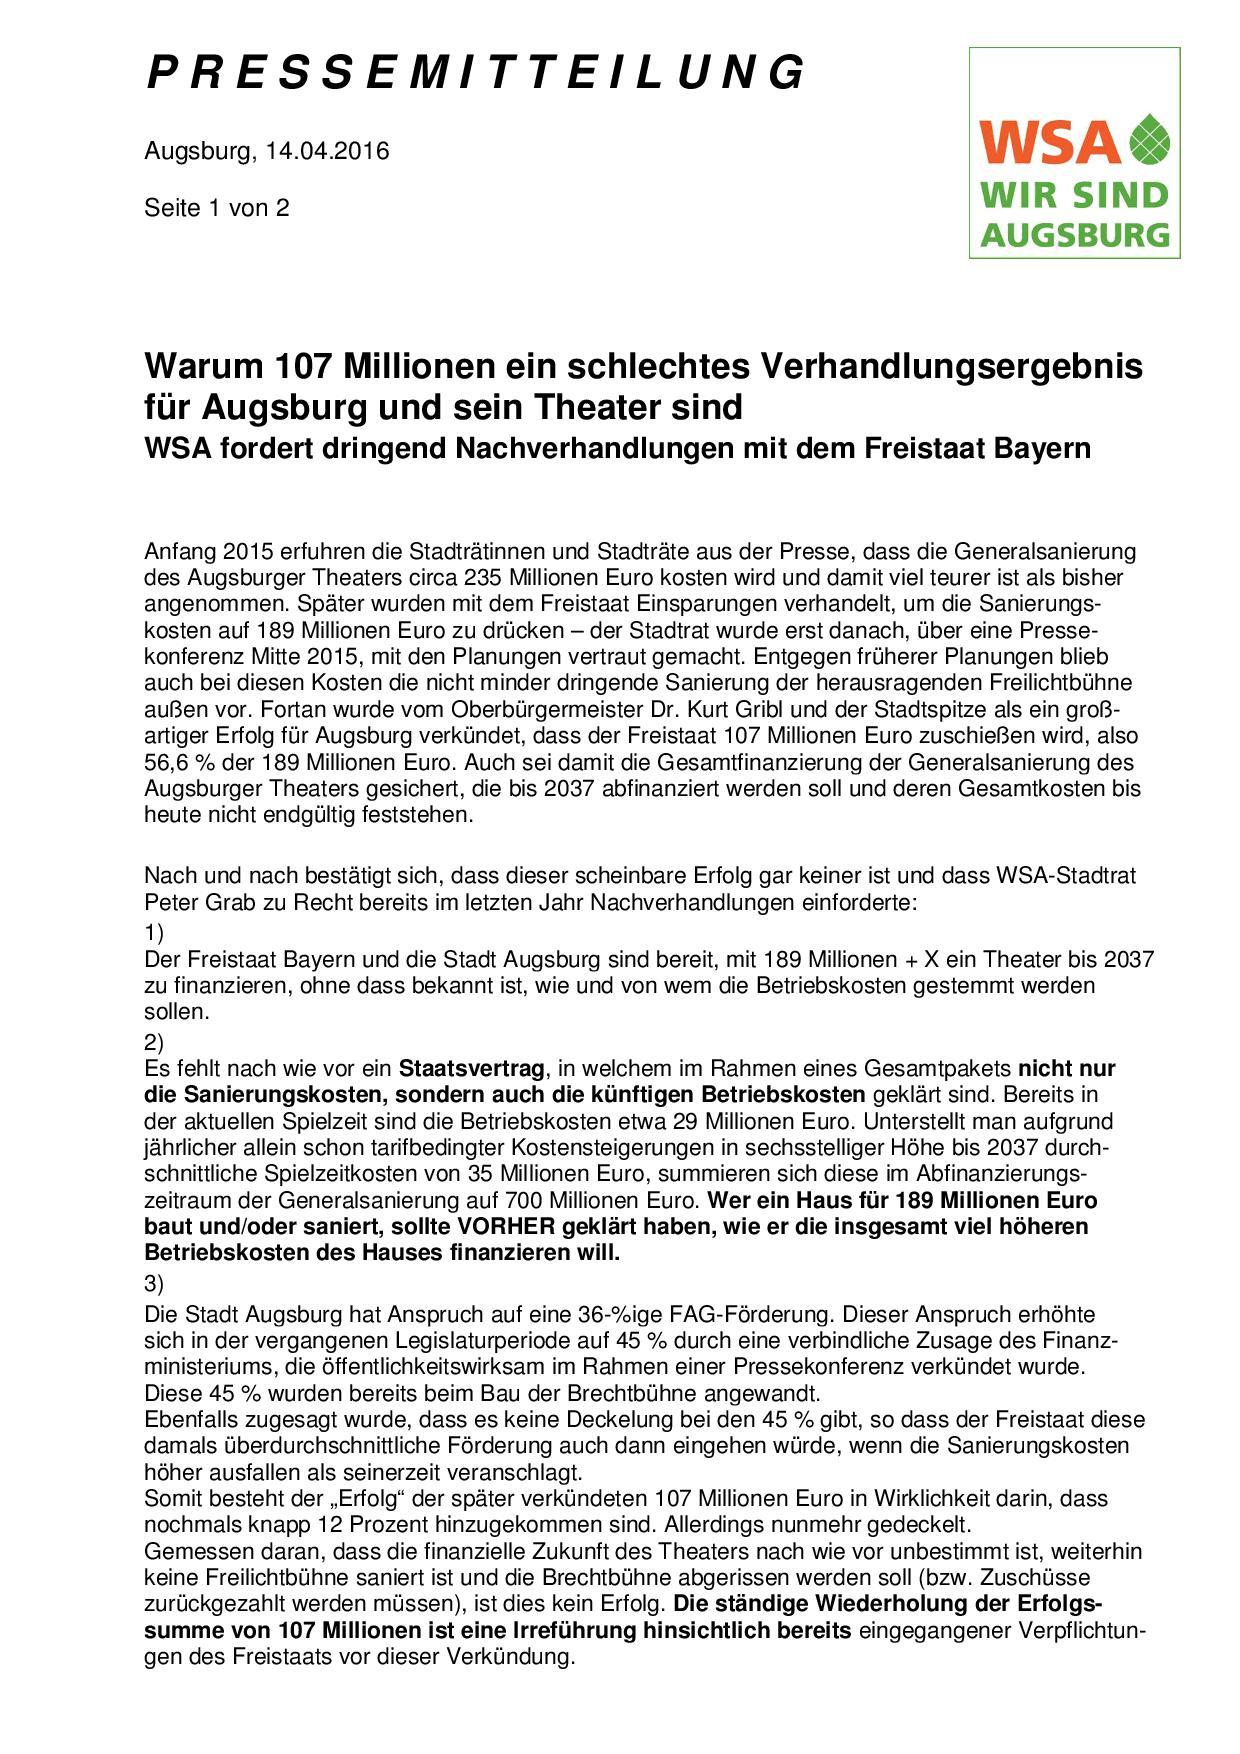 WSA-Pressemitteilung vom 14.04.2016 zu den Verhandlungen zur Zukunftssicherung des Augsburger Theaters-001